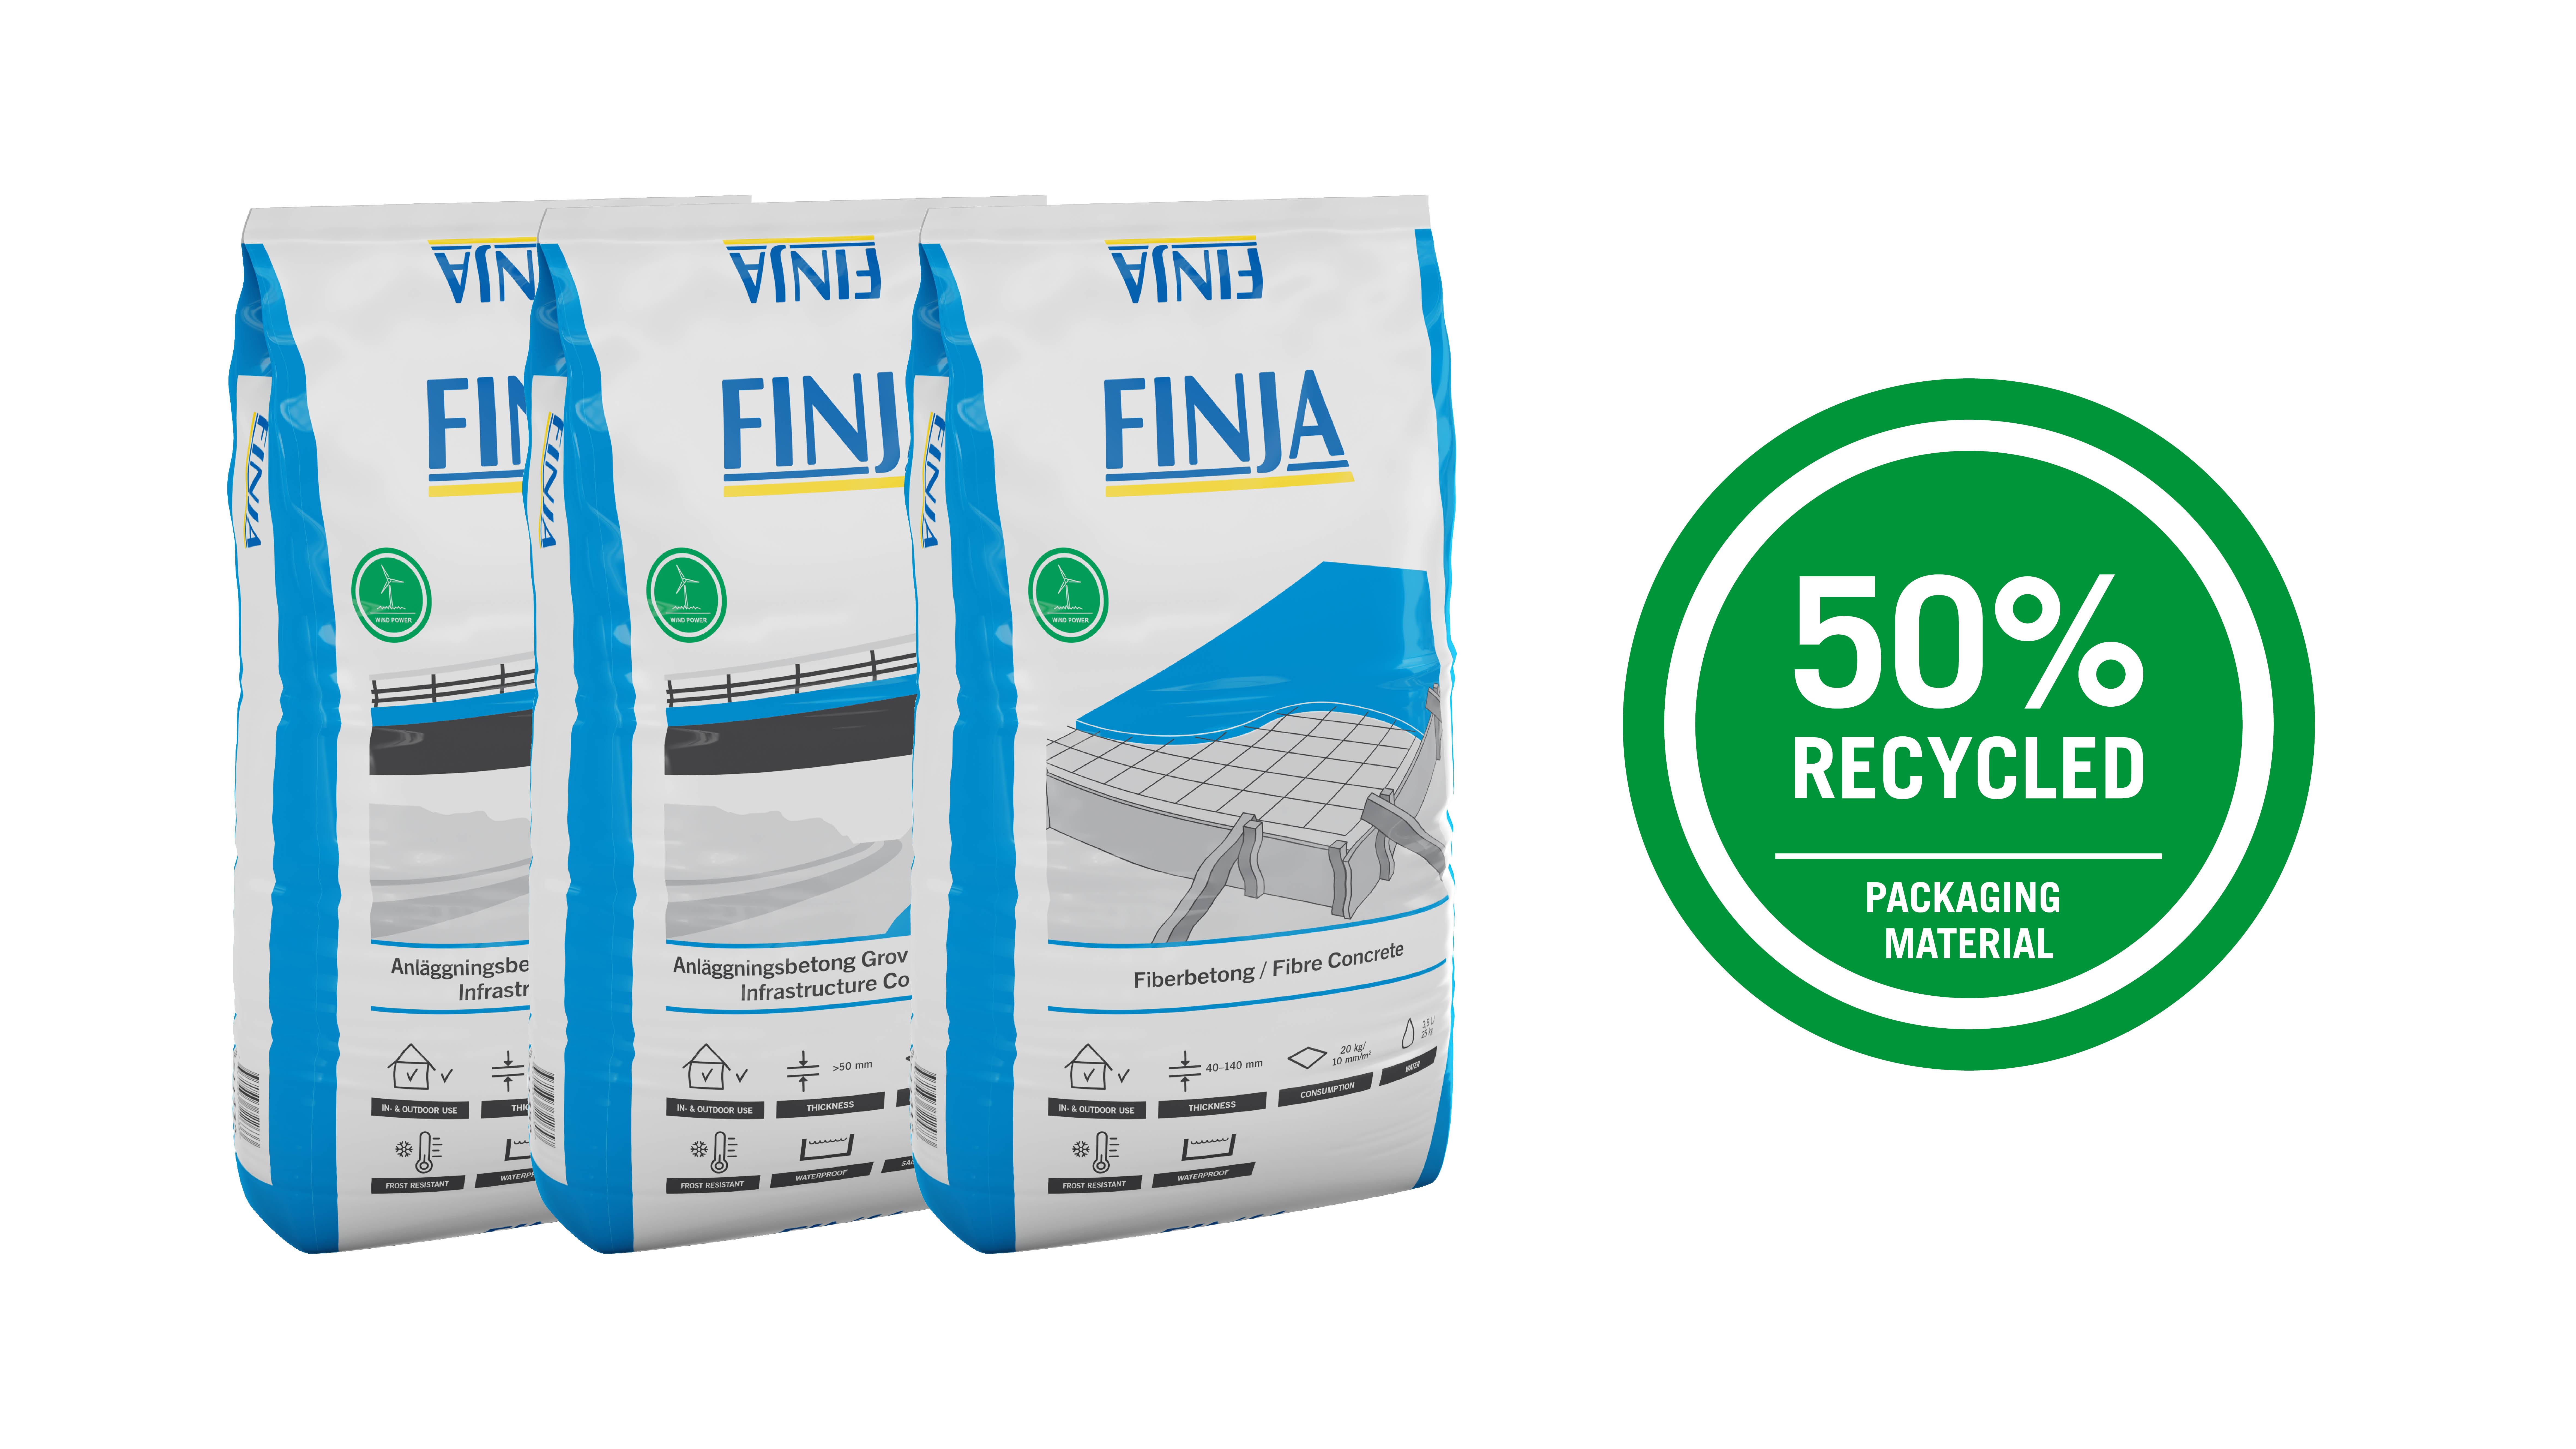 Nytt hållbart steg för Finja